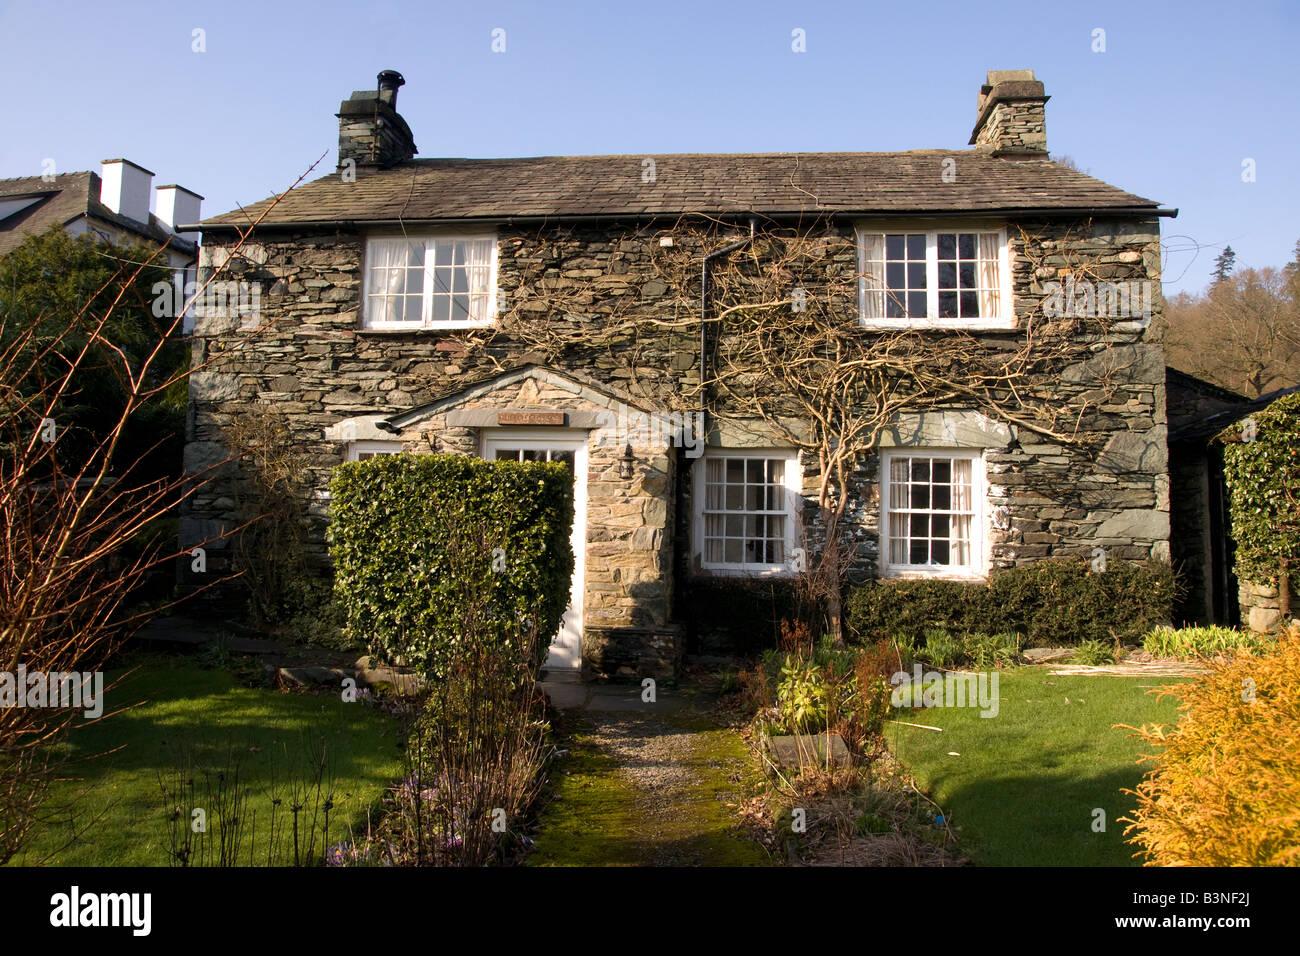 English Lakeland Country Stone Cottage